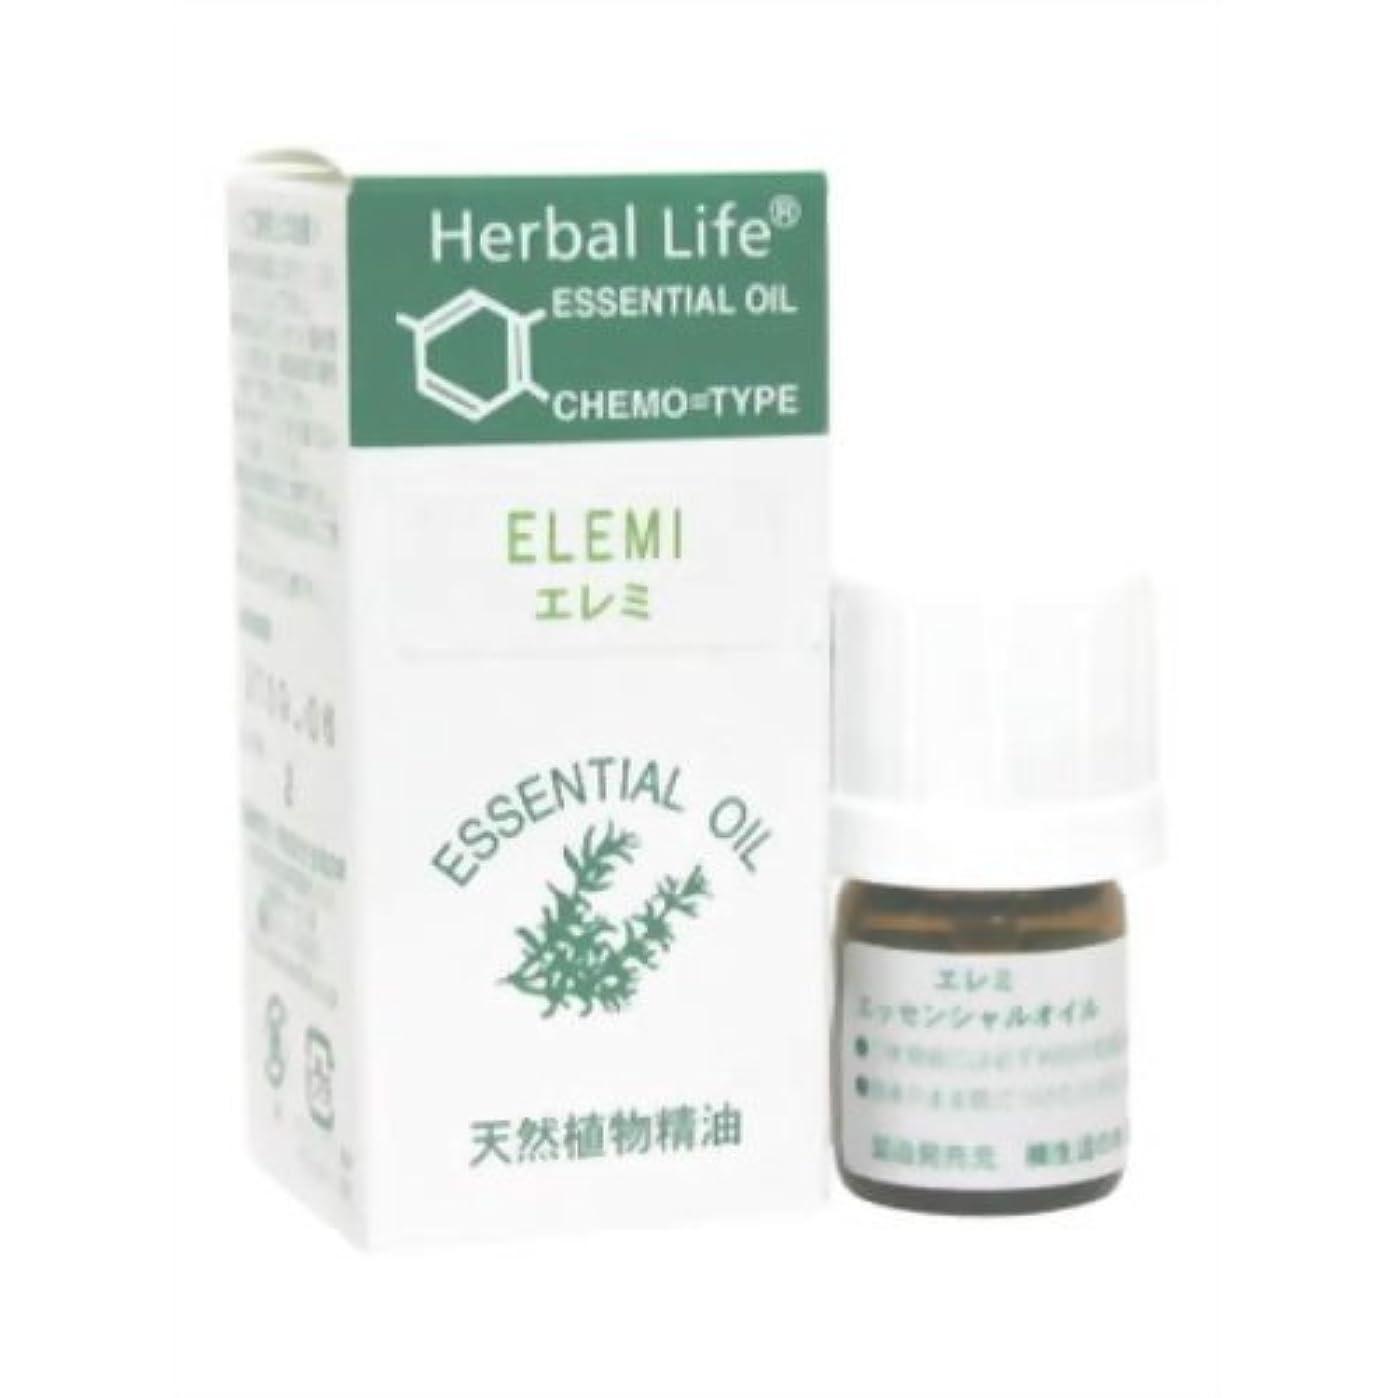 お金ゴムテクスチャー賛辞Herbal Life エレミ 3ml